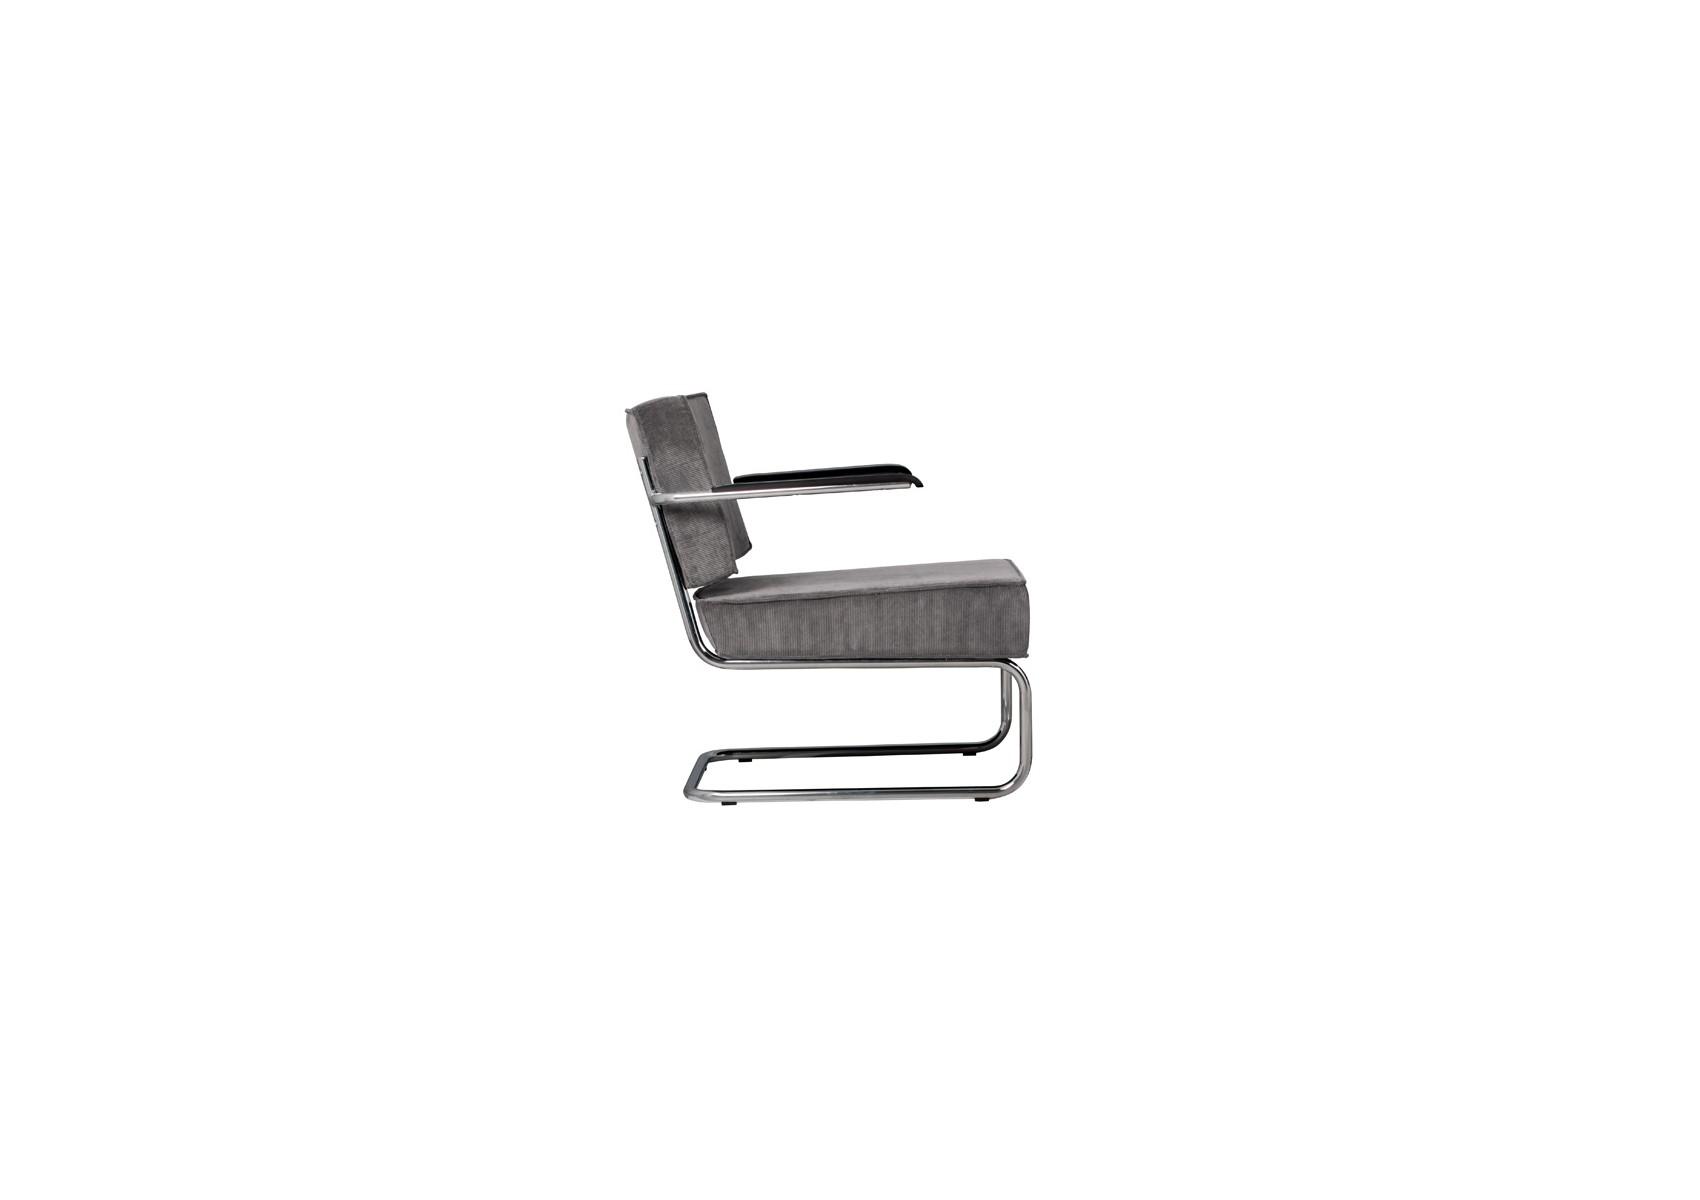 fauteuil design collection ridge lounge rib avec accoudoir de zuiver. Black Bedroom Furniture Sets. Home Design Ideas